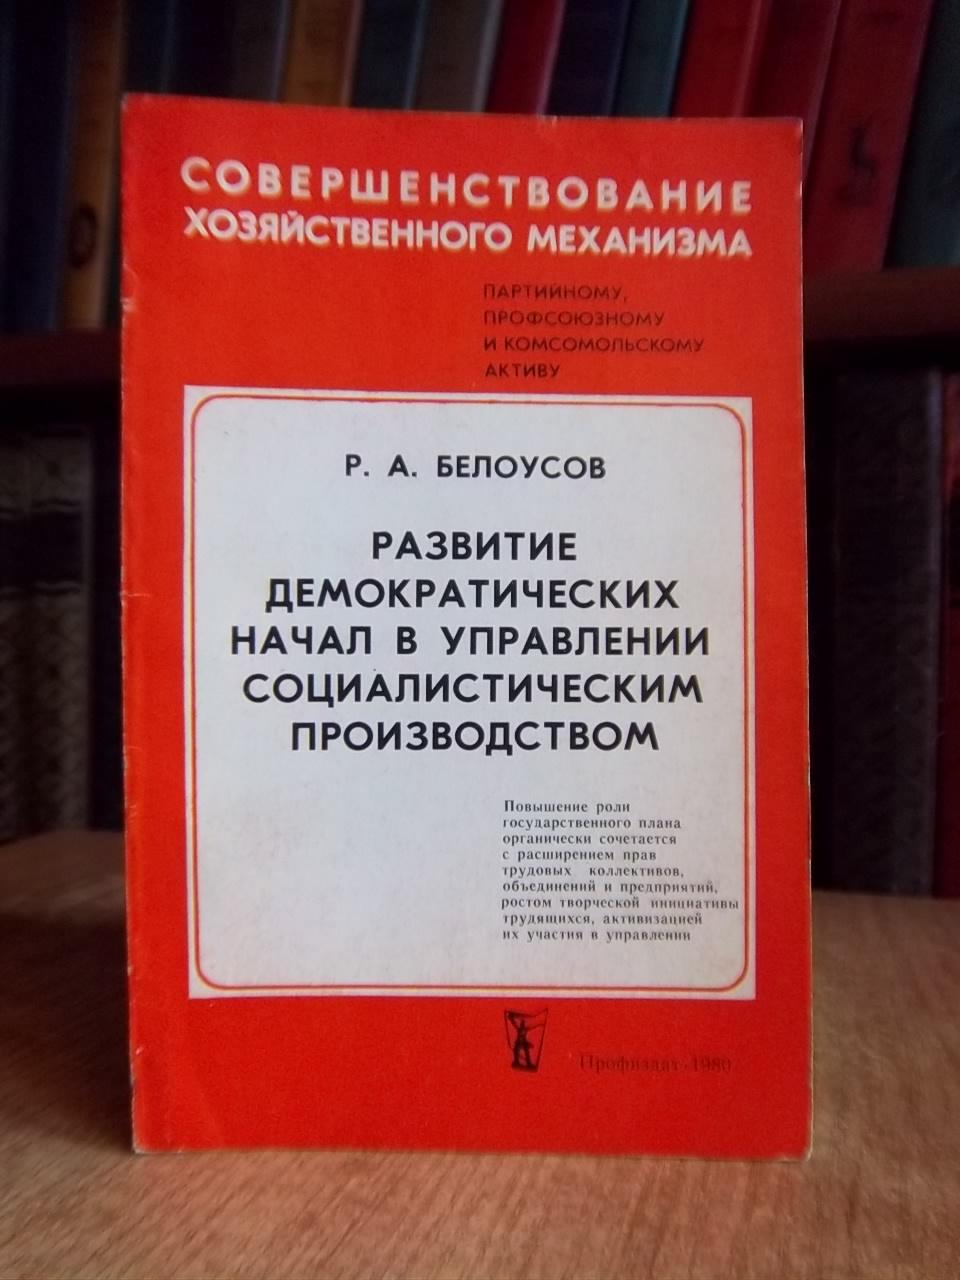 Развитие демократических начал в управлении социалистическим производством